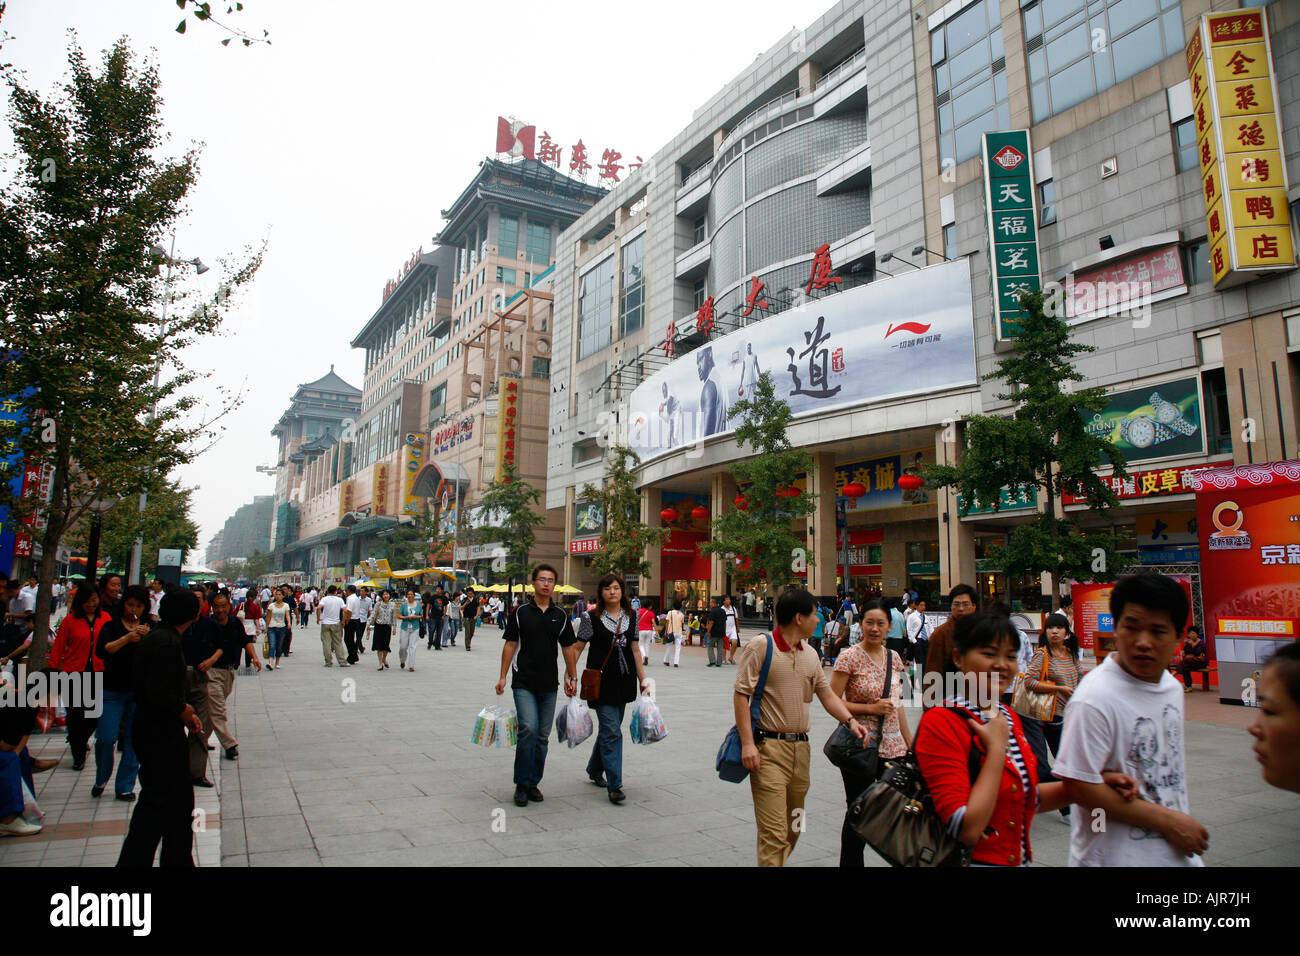 Wangfujing Dajie beijing main shopping street Beijing China - Stock Image